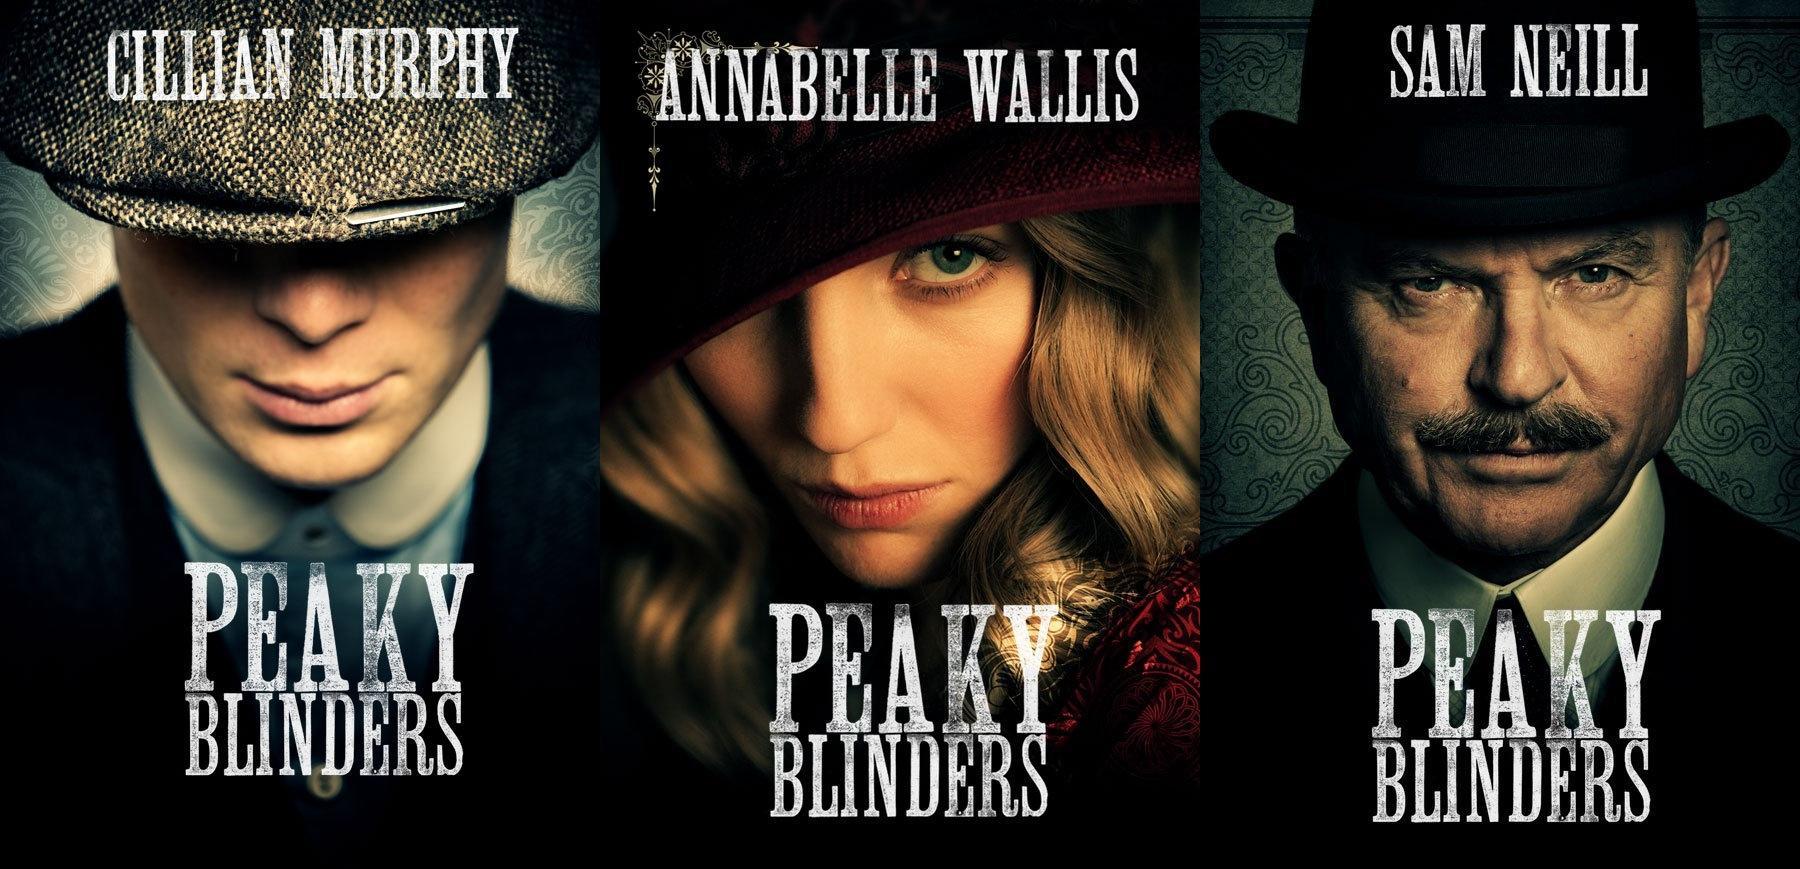 أفضل المسلسلات الأجنبية - مسلسل Peaky Blinders